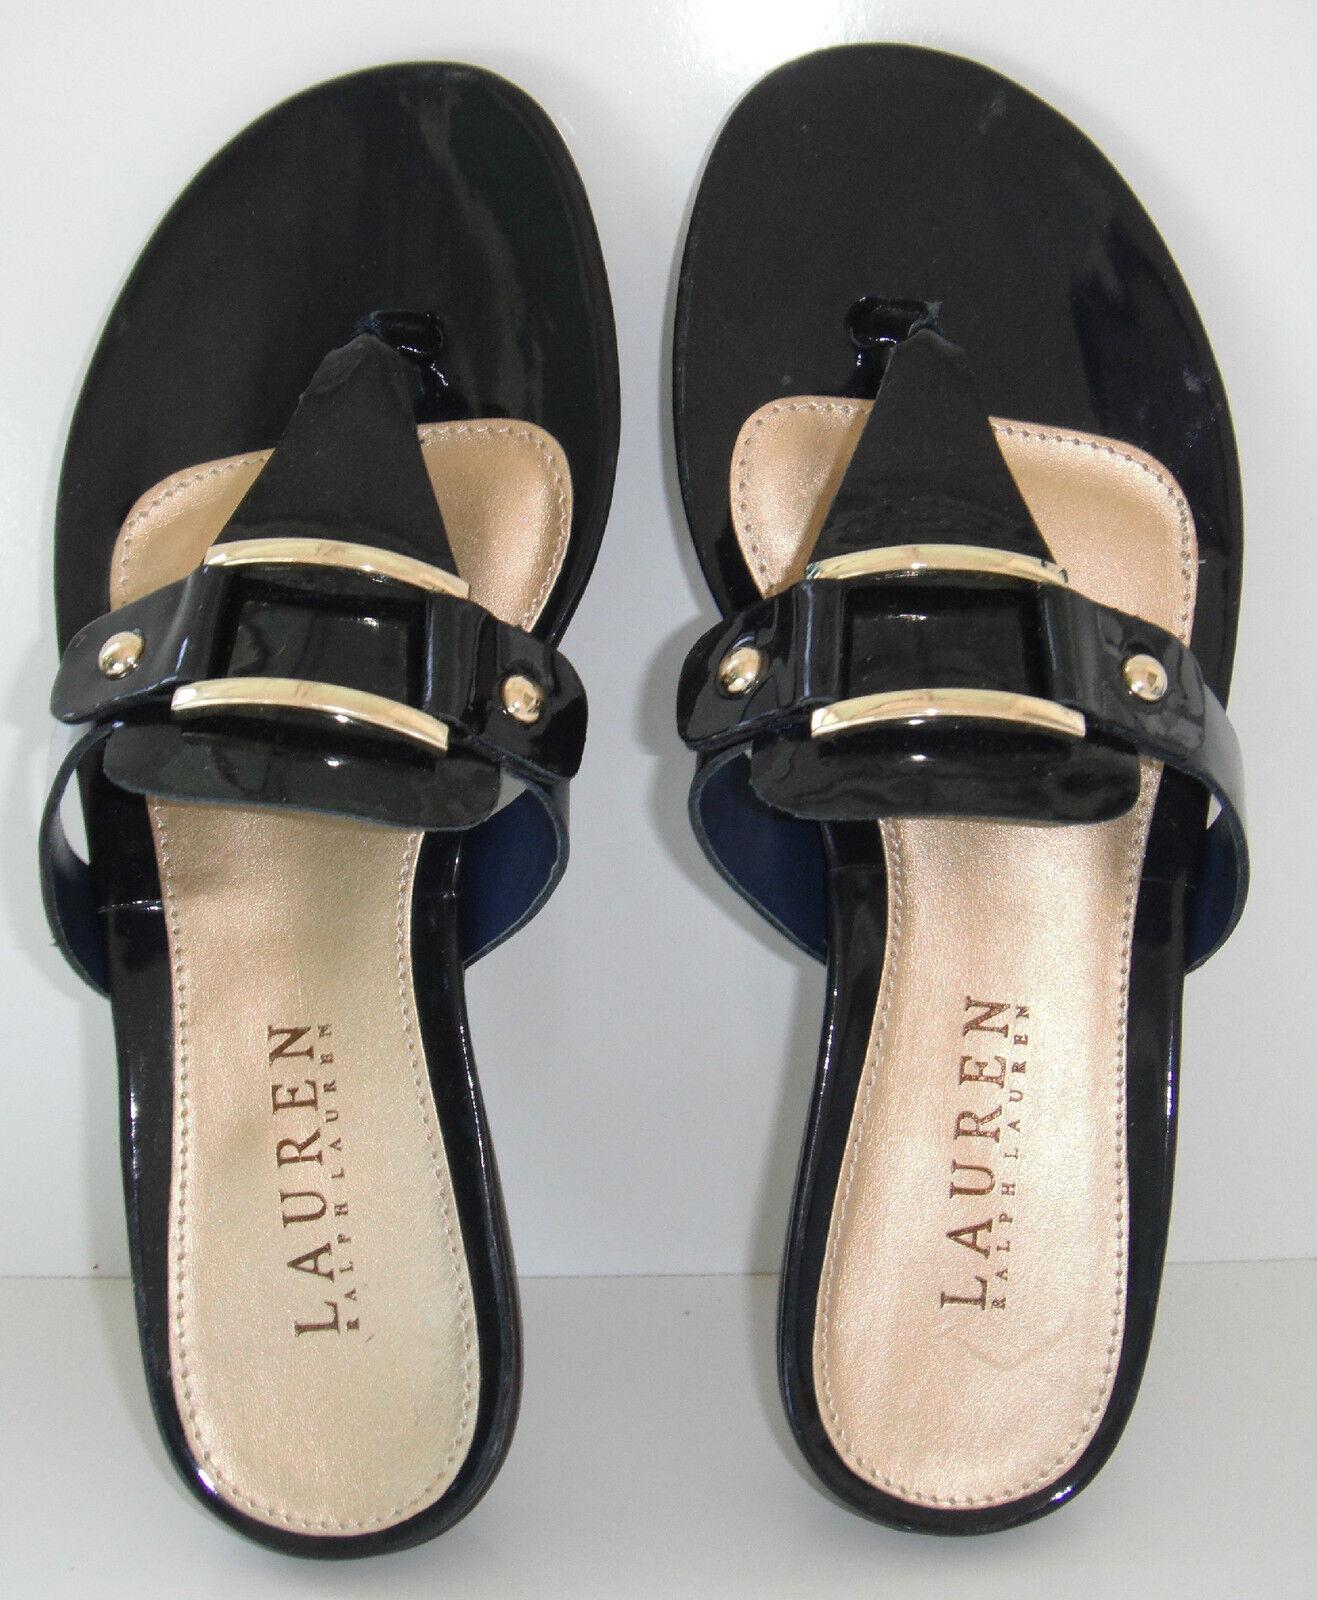 NIB Lauren Ralph Lauren Thong Patent Soft Leder Sandale sz 5.5